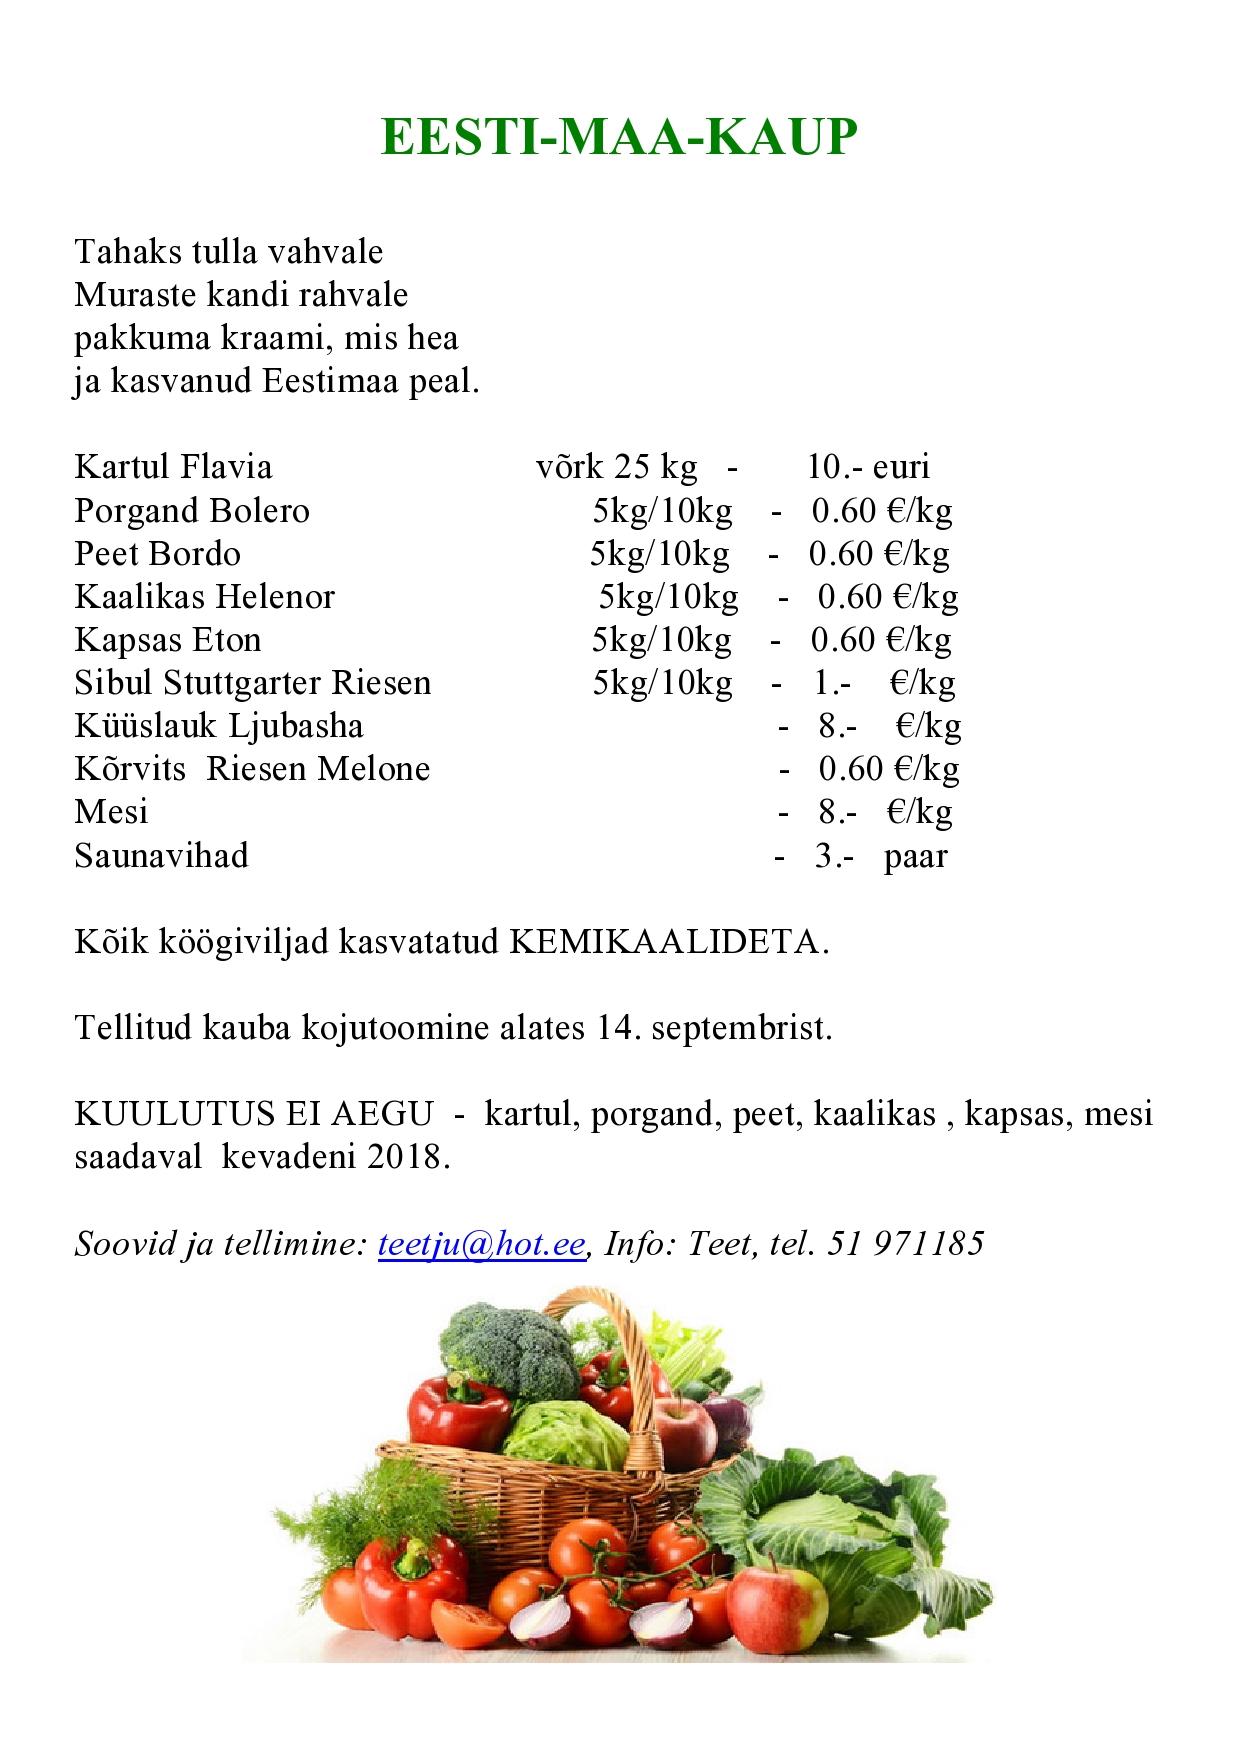 juurik-page0001 (1)